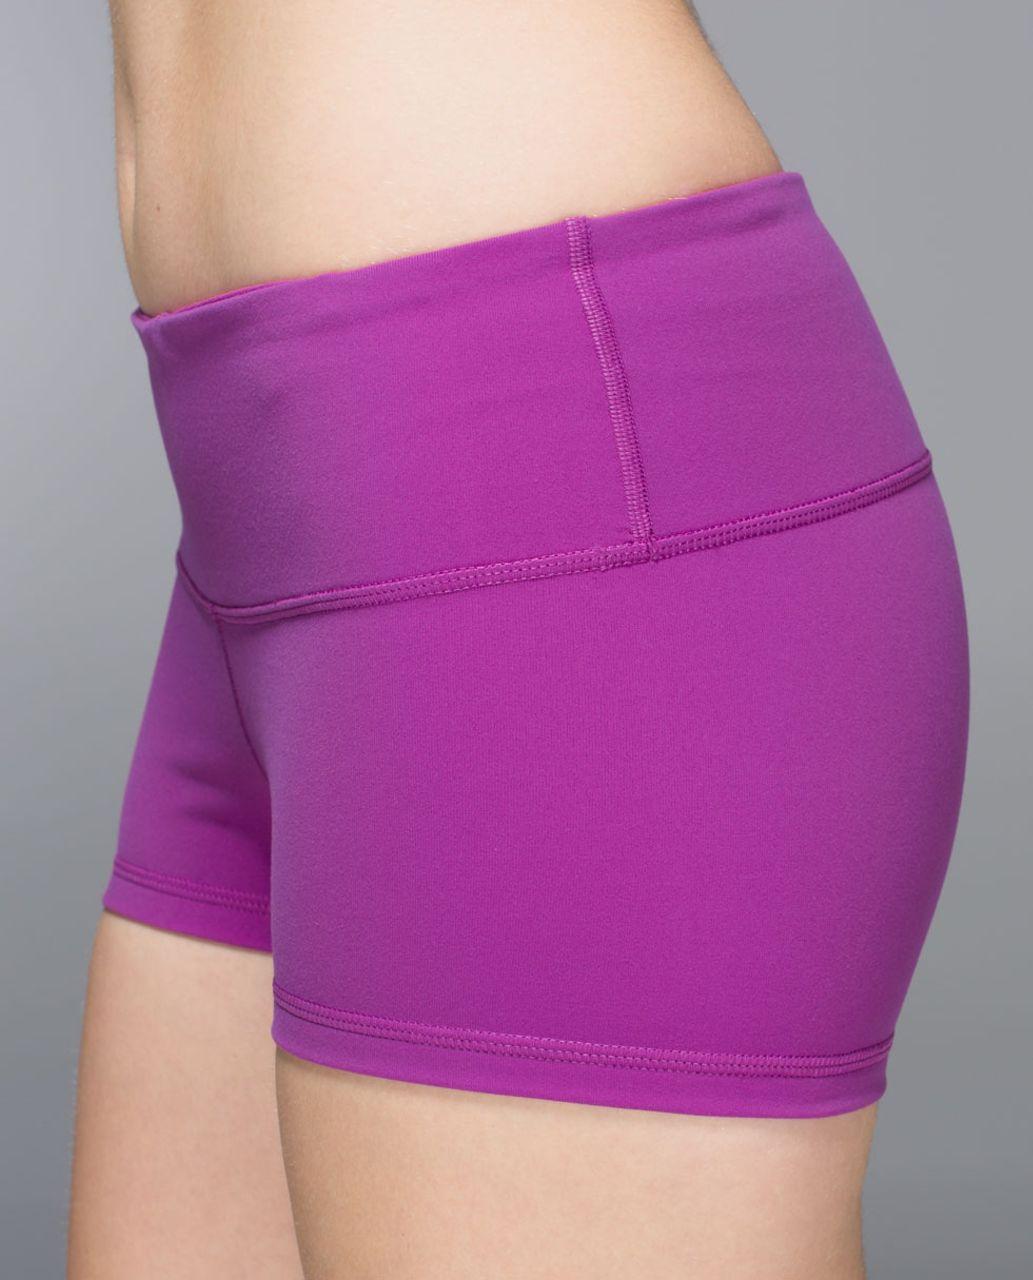 Lululemon Boogie Short *Full-On Luon - Ultra Violet